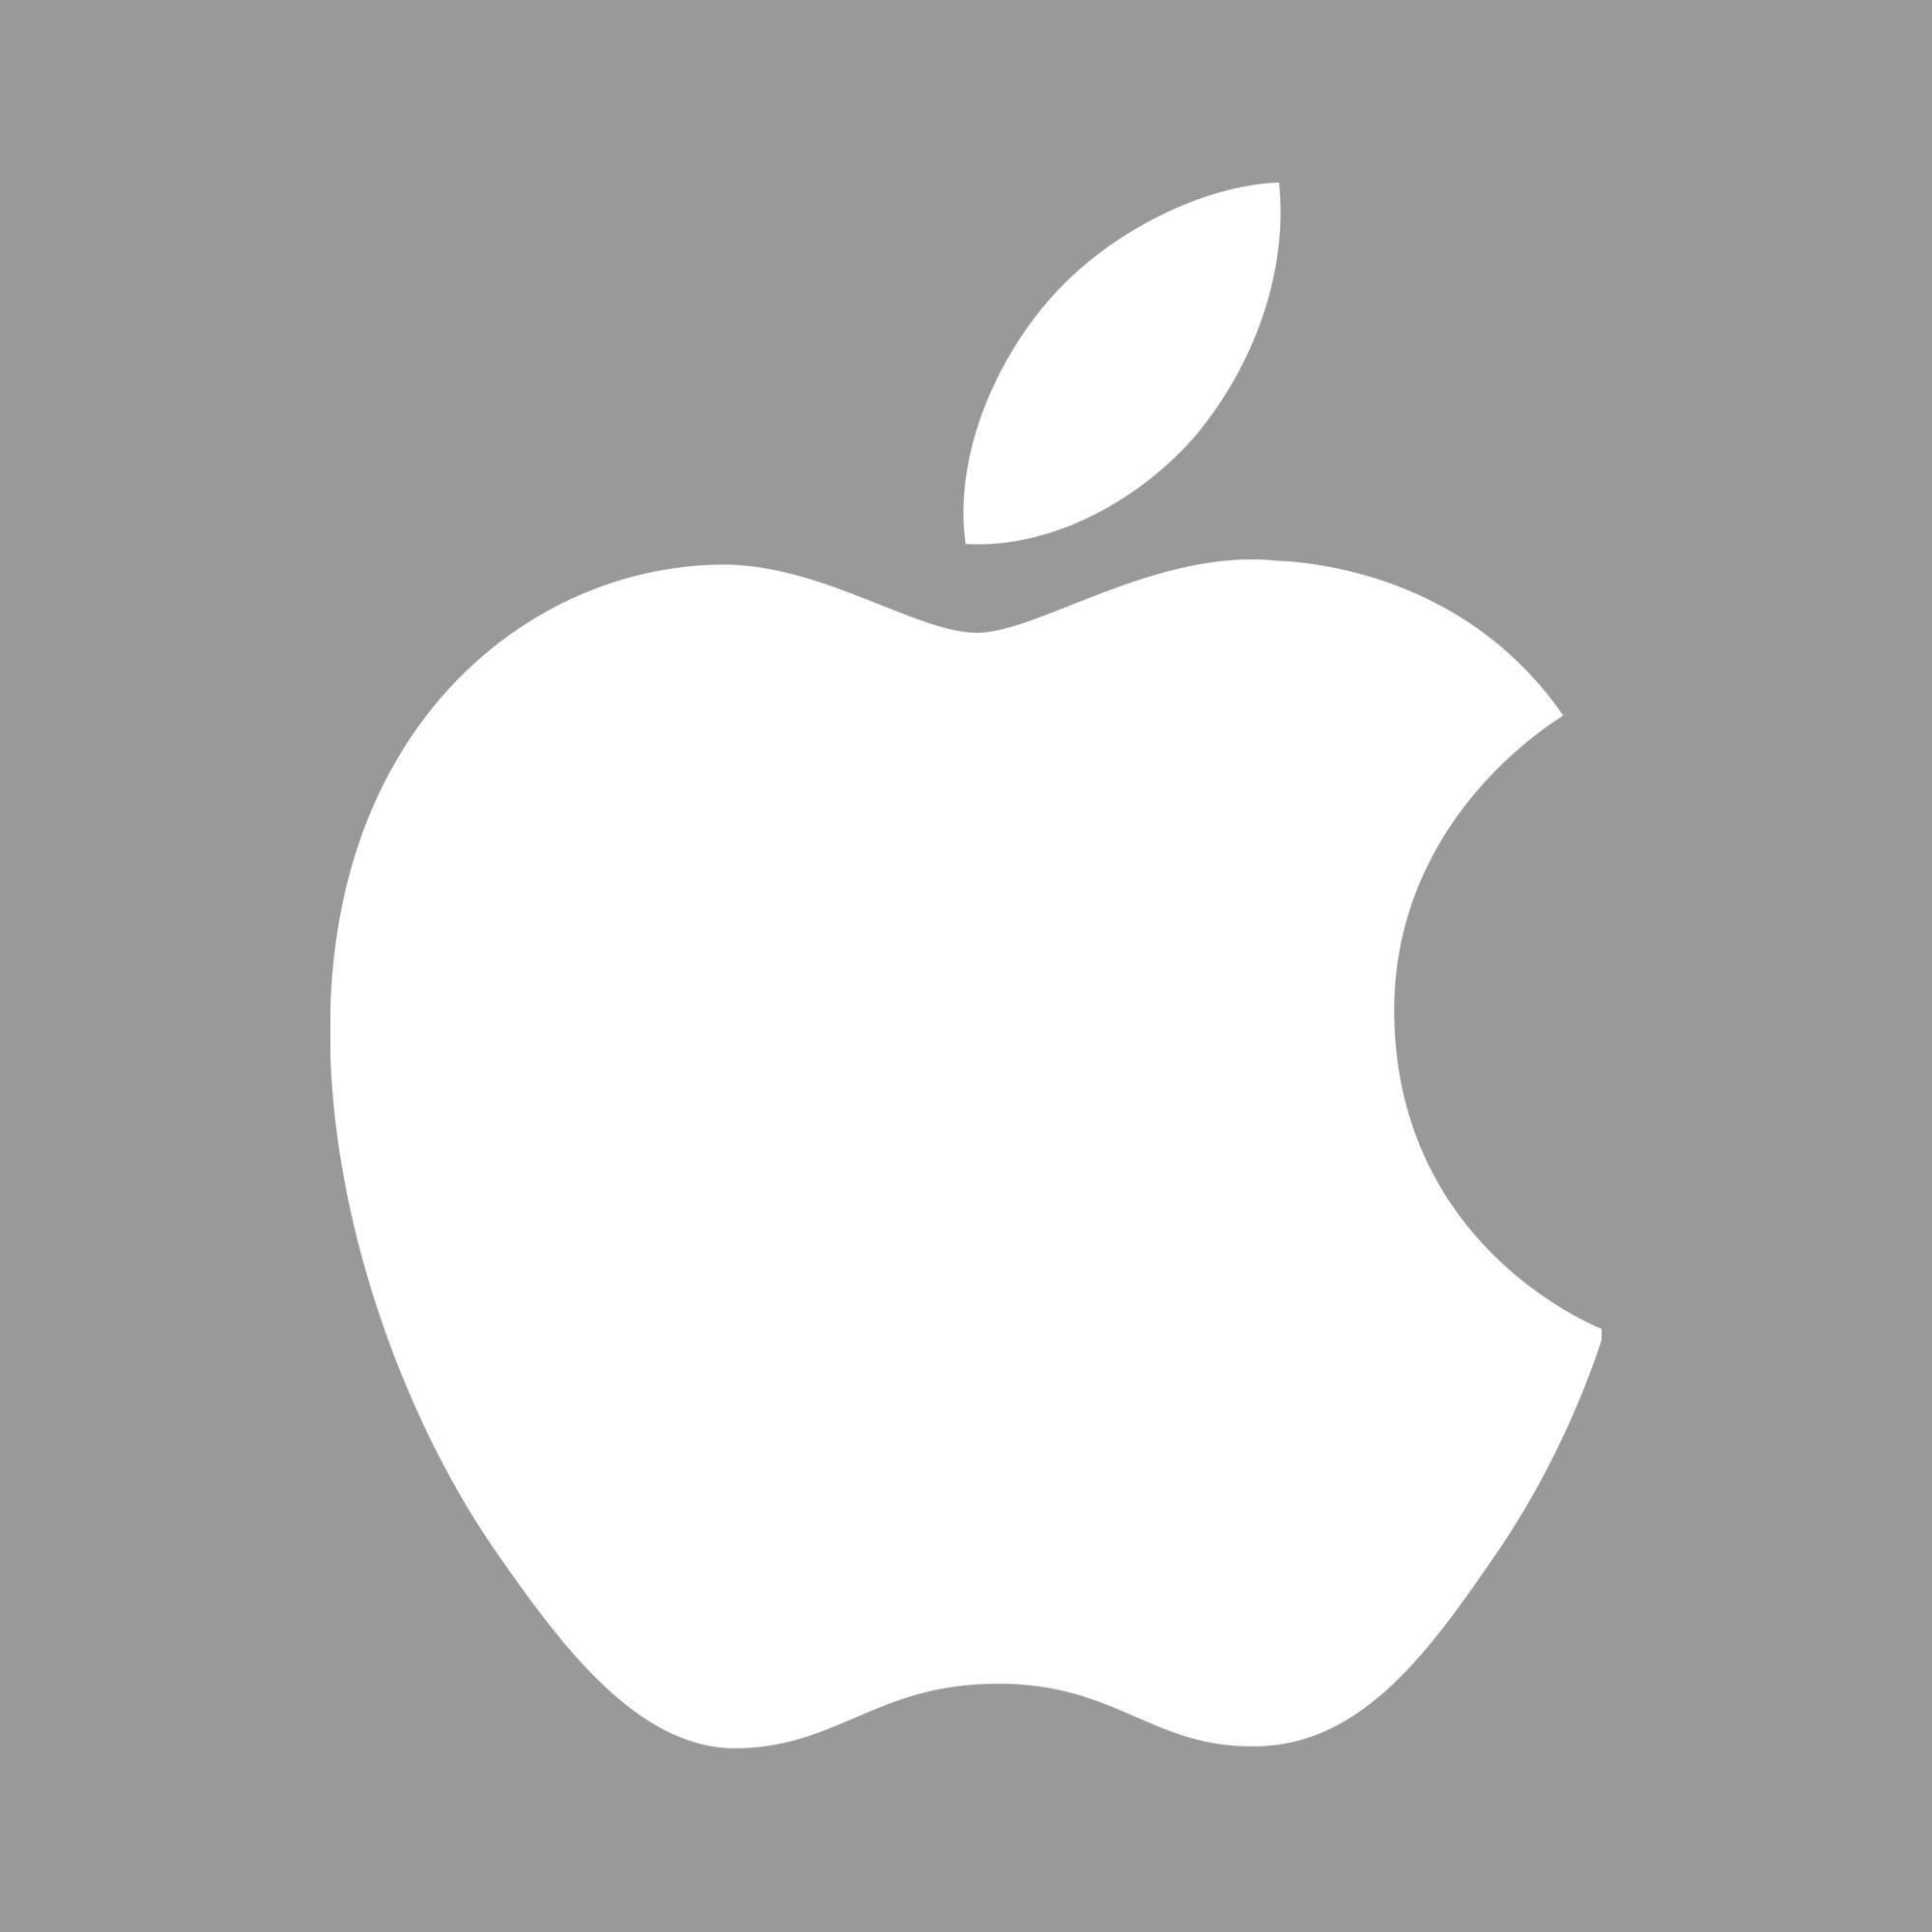 Apple inarrestabile: in arrivo streaming video, news e videogiochi